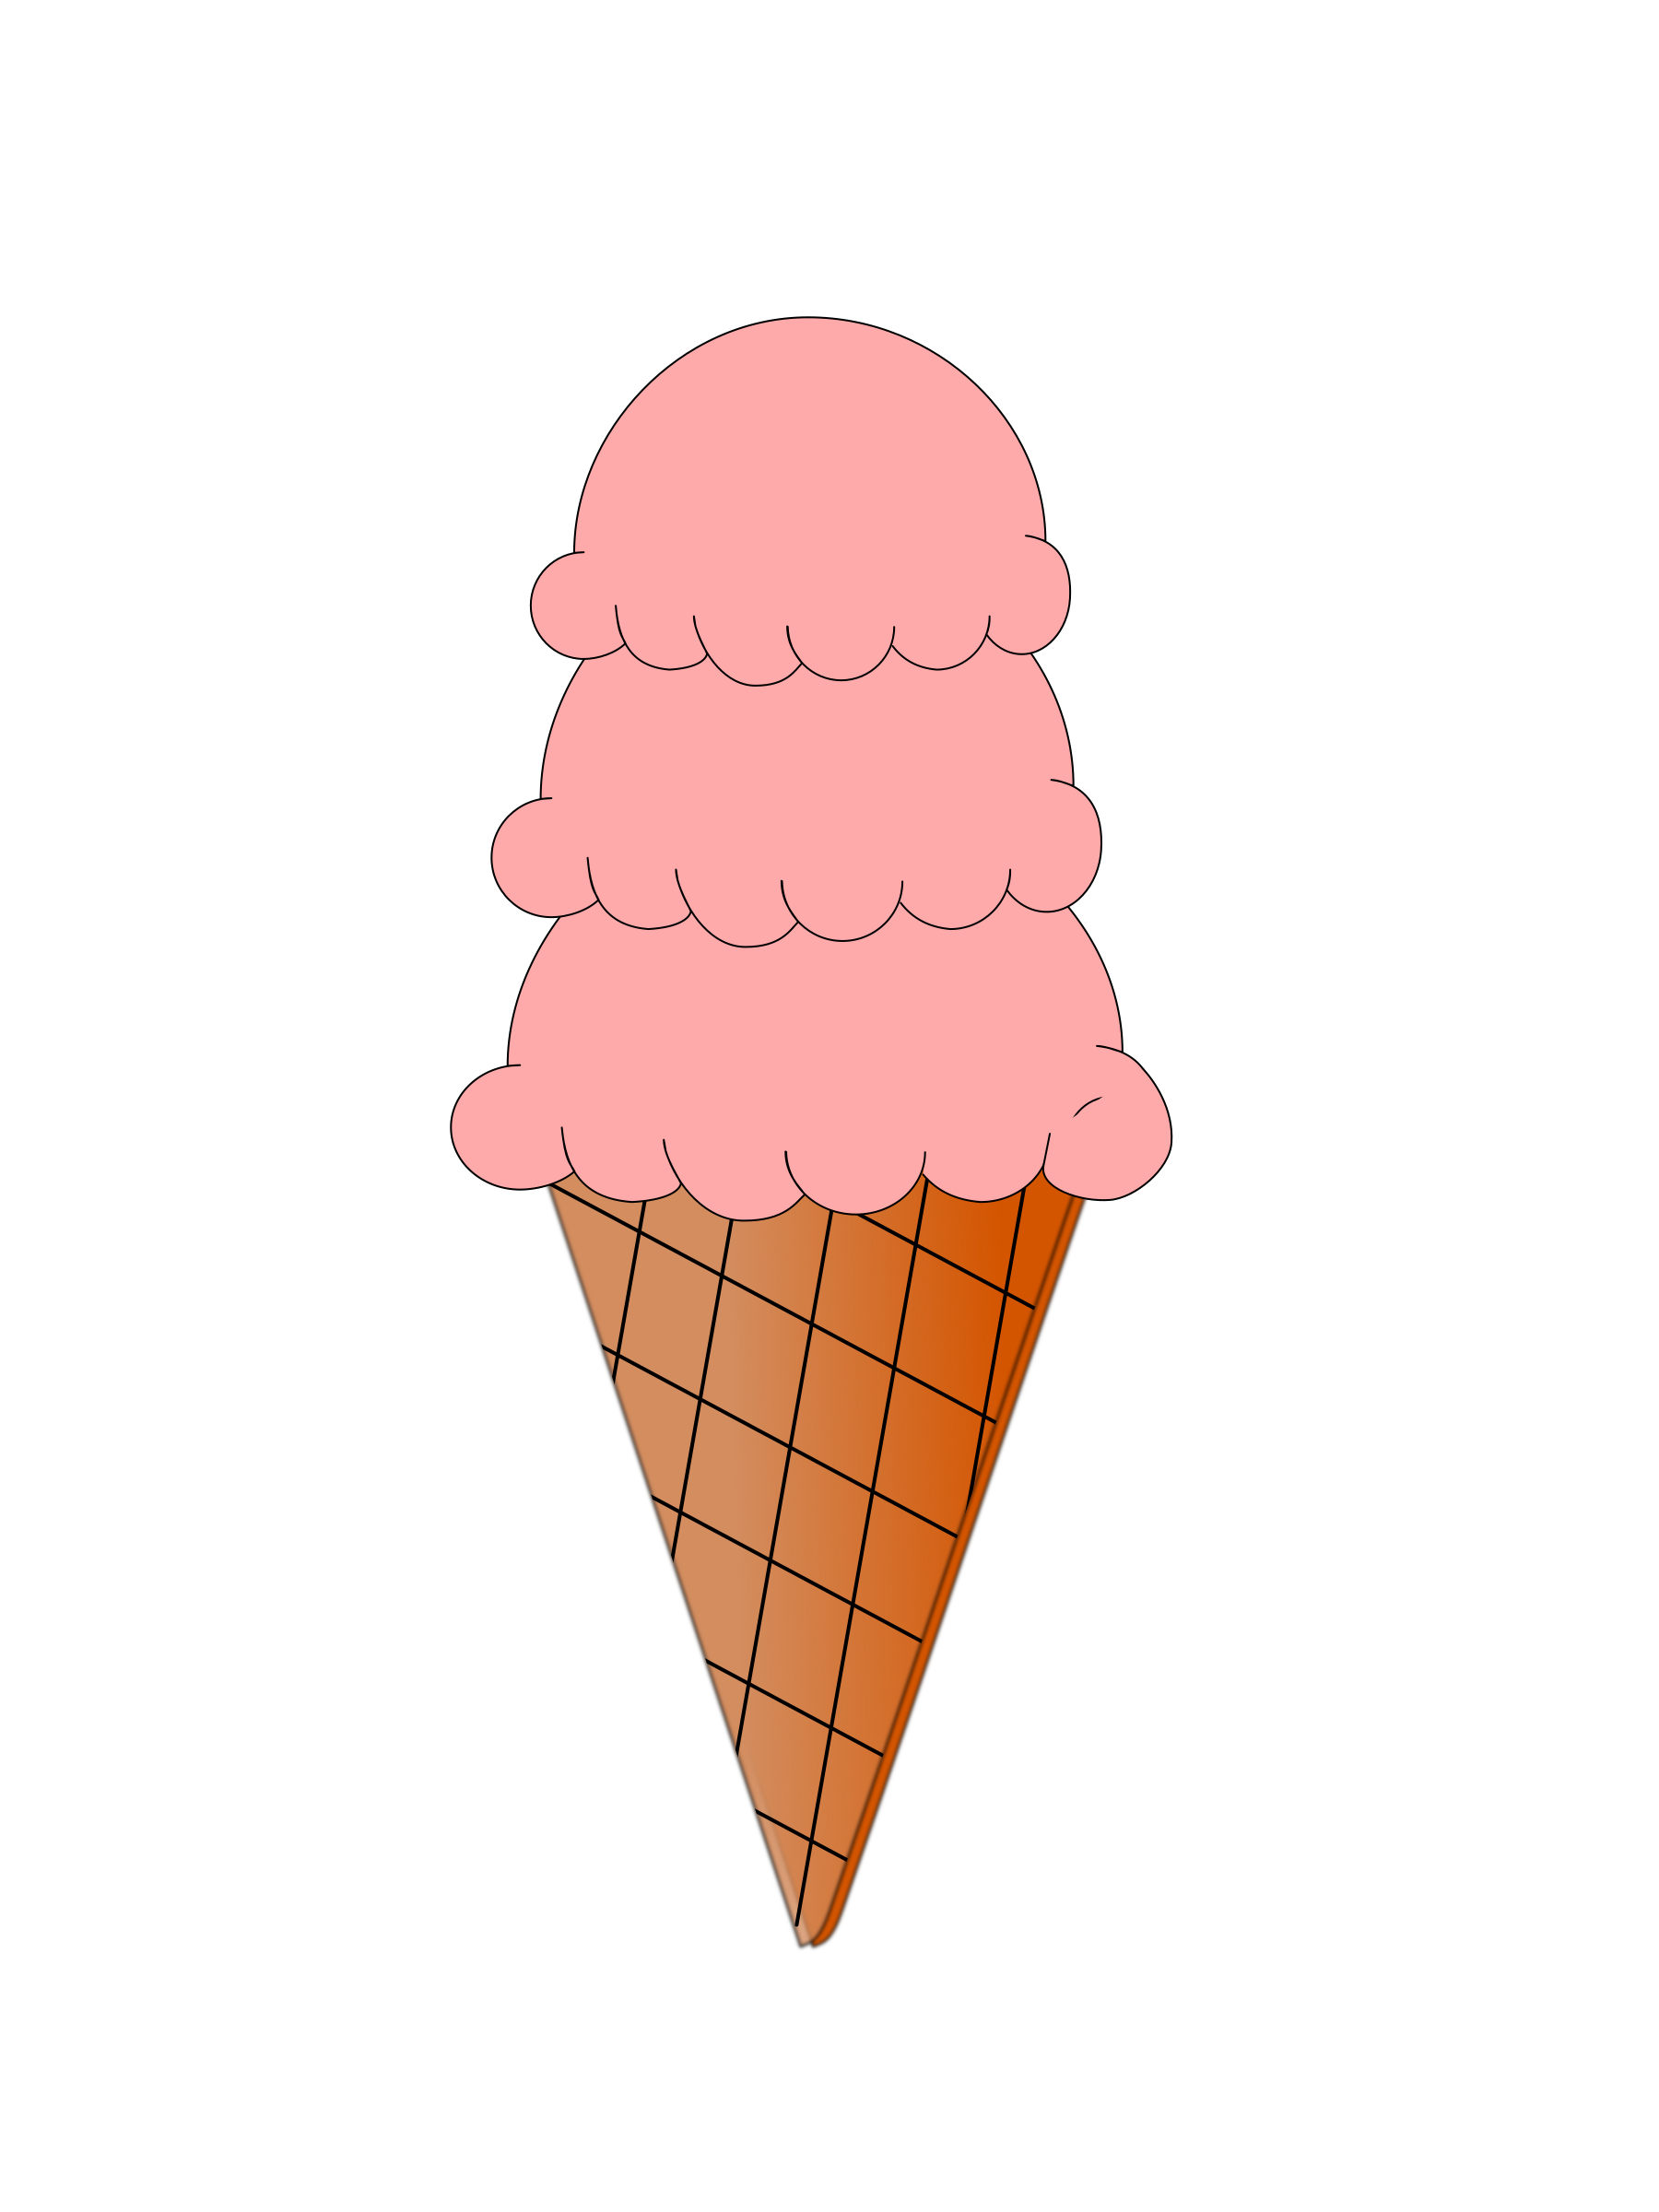 Ice cream and sugar. Icecream clipart small